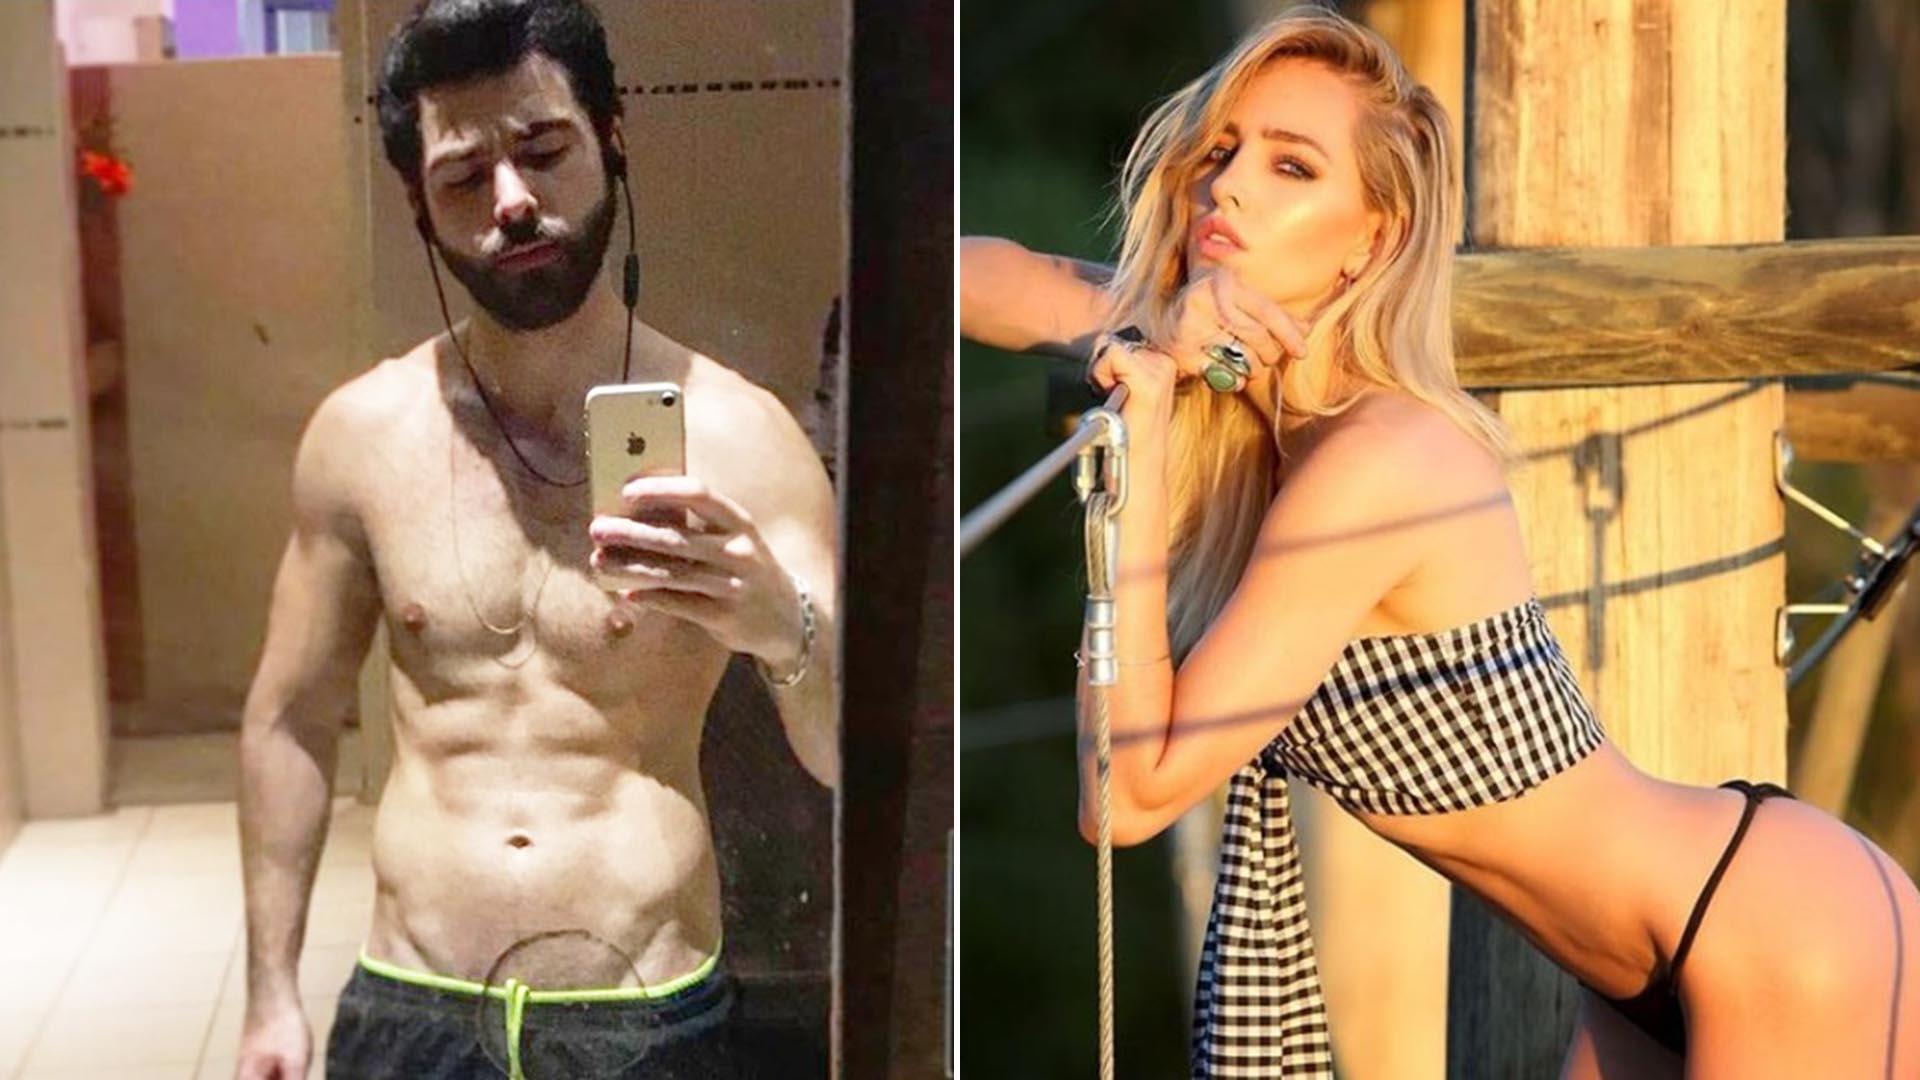 Belen Pouchan naked (69 photos), video Selfie, iCloud, cleavage 2020